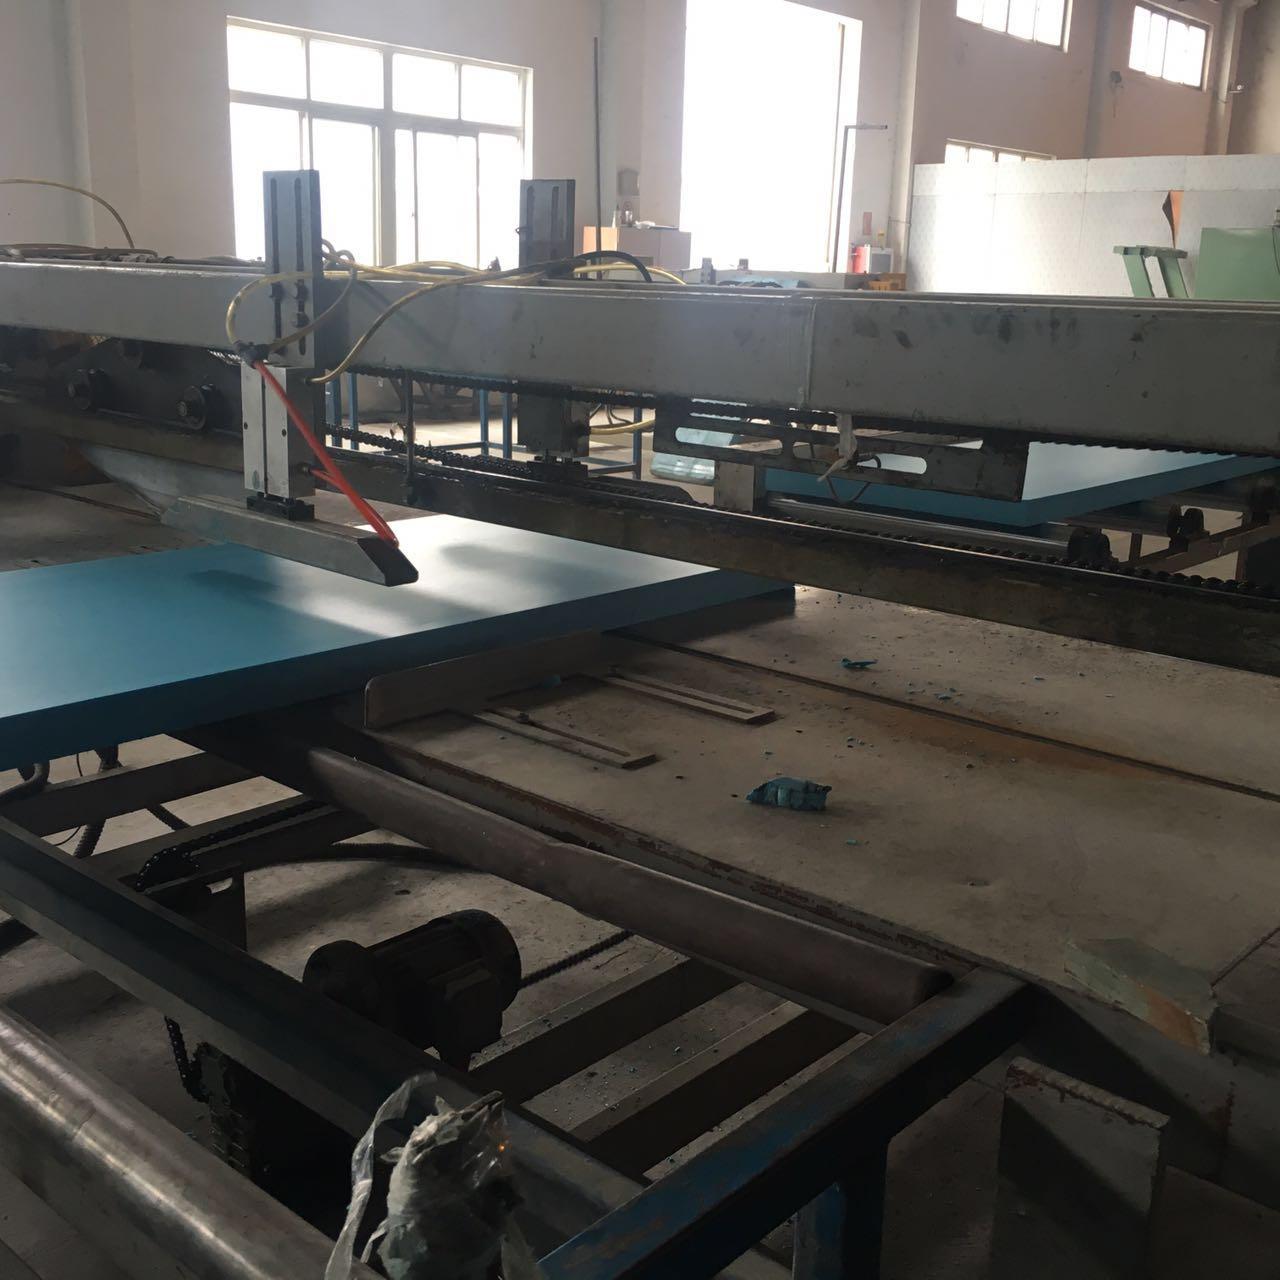 Изоляционный материал для стен Сяо Юй класса В2 огнестойкая изоляция доске постельные принадлежности коврик Бао с XPS огнестойкие прессованные плиты/плиты/плиты 5см